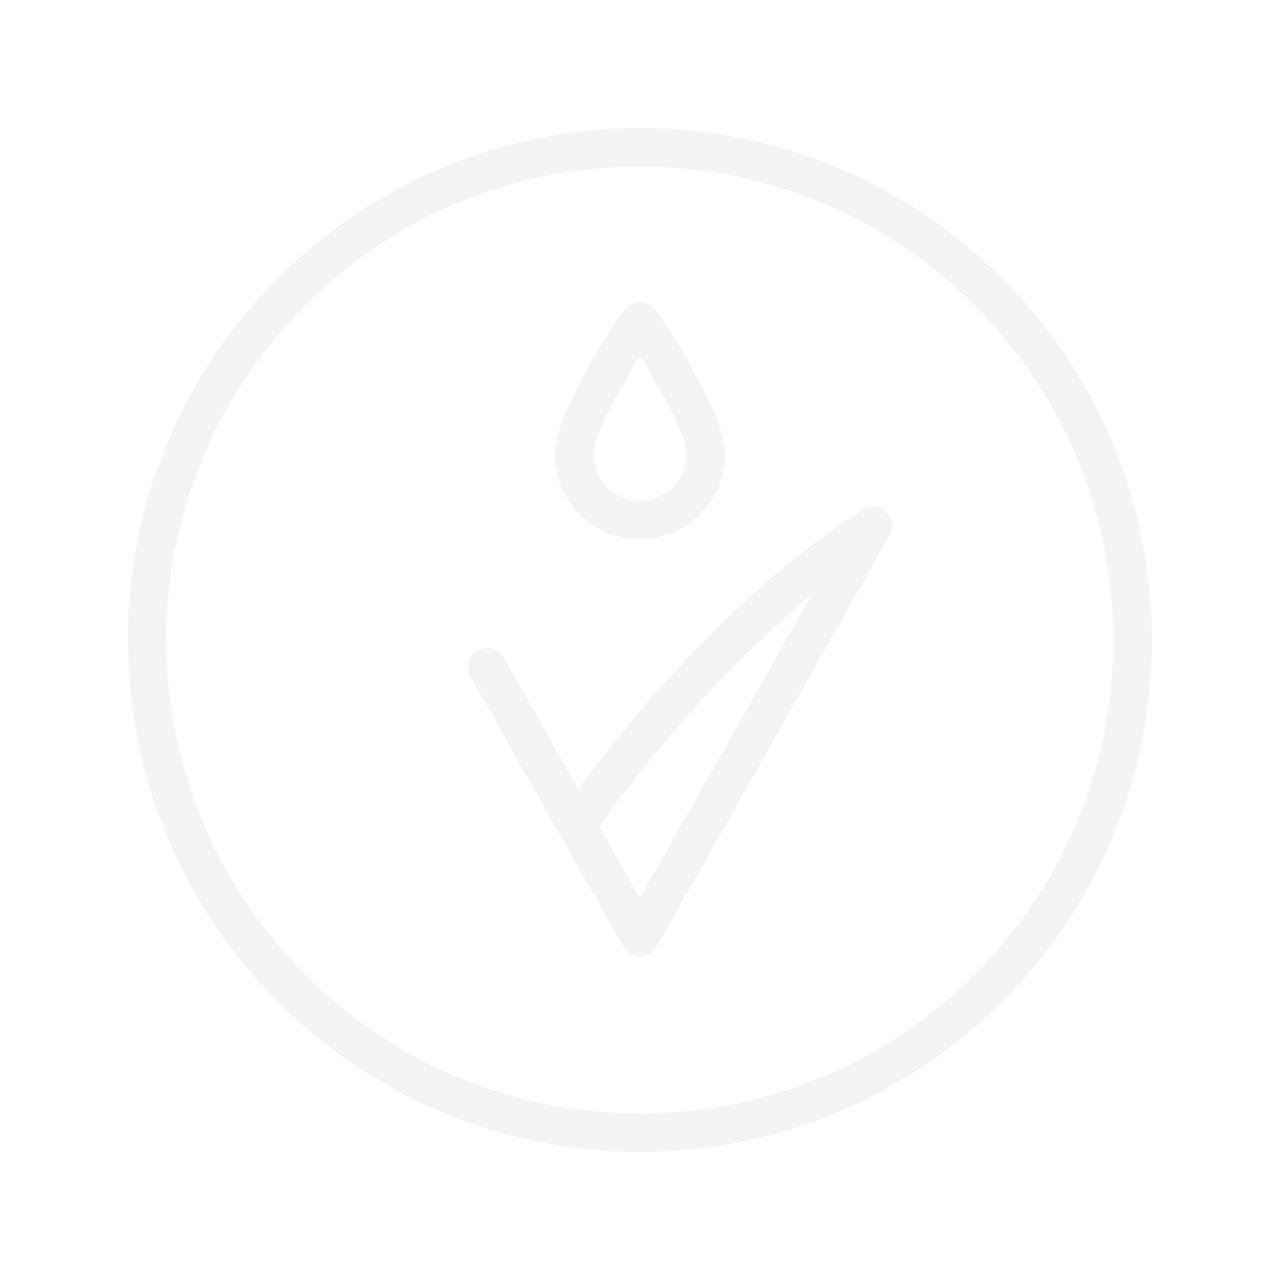 DR. HAUSCHKA Lip Line Definer No.00 Translucent 1.14g